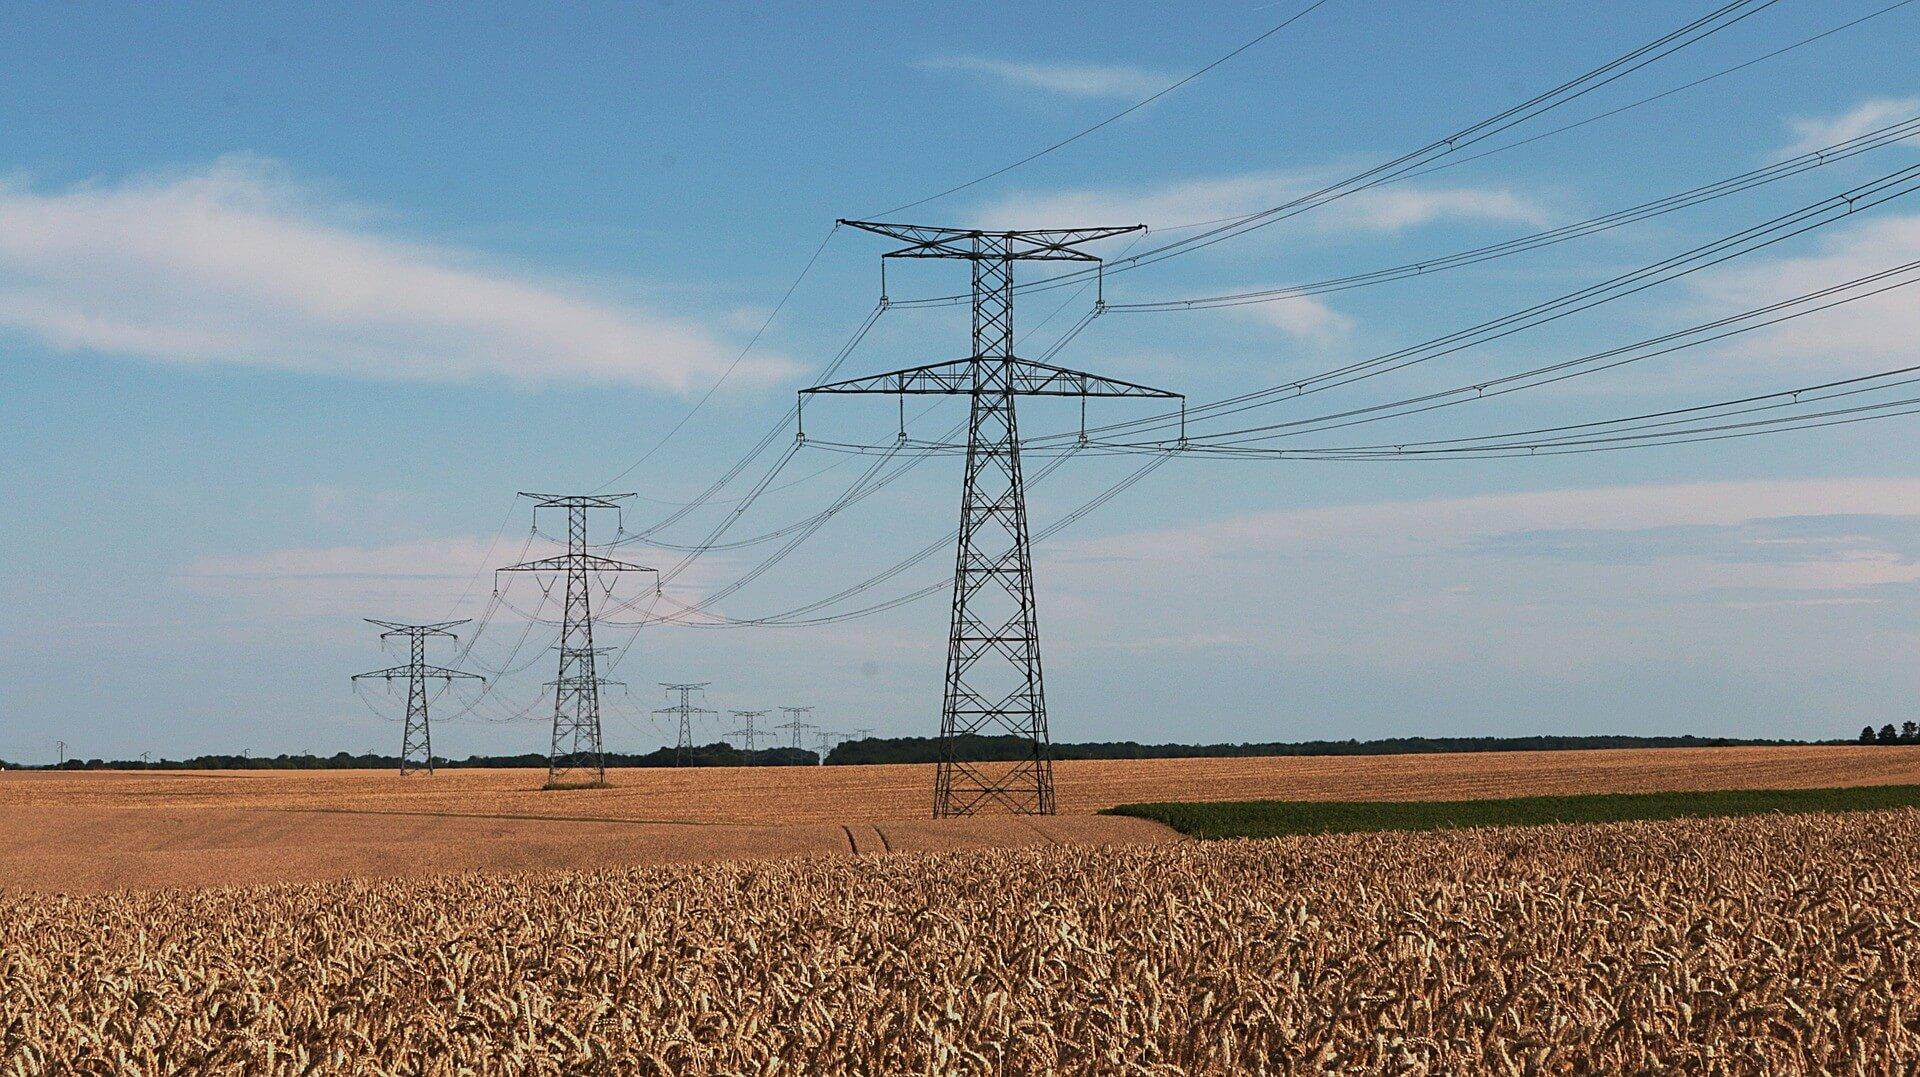 Kiterjedt elektromos hálózat fejlesztés indult Szabolcs megyében